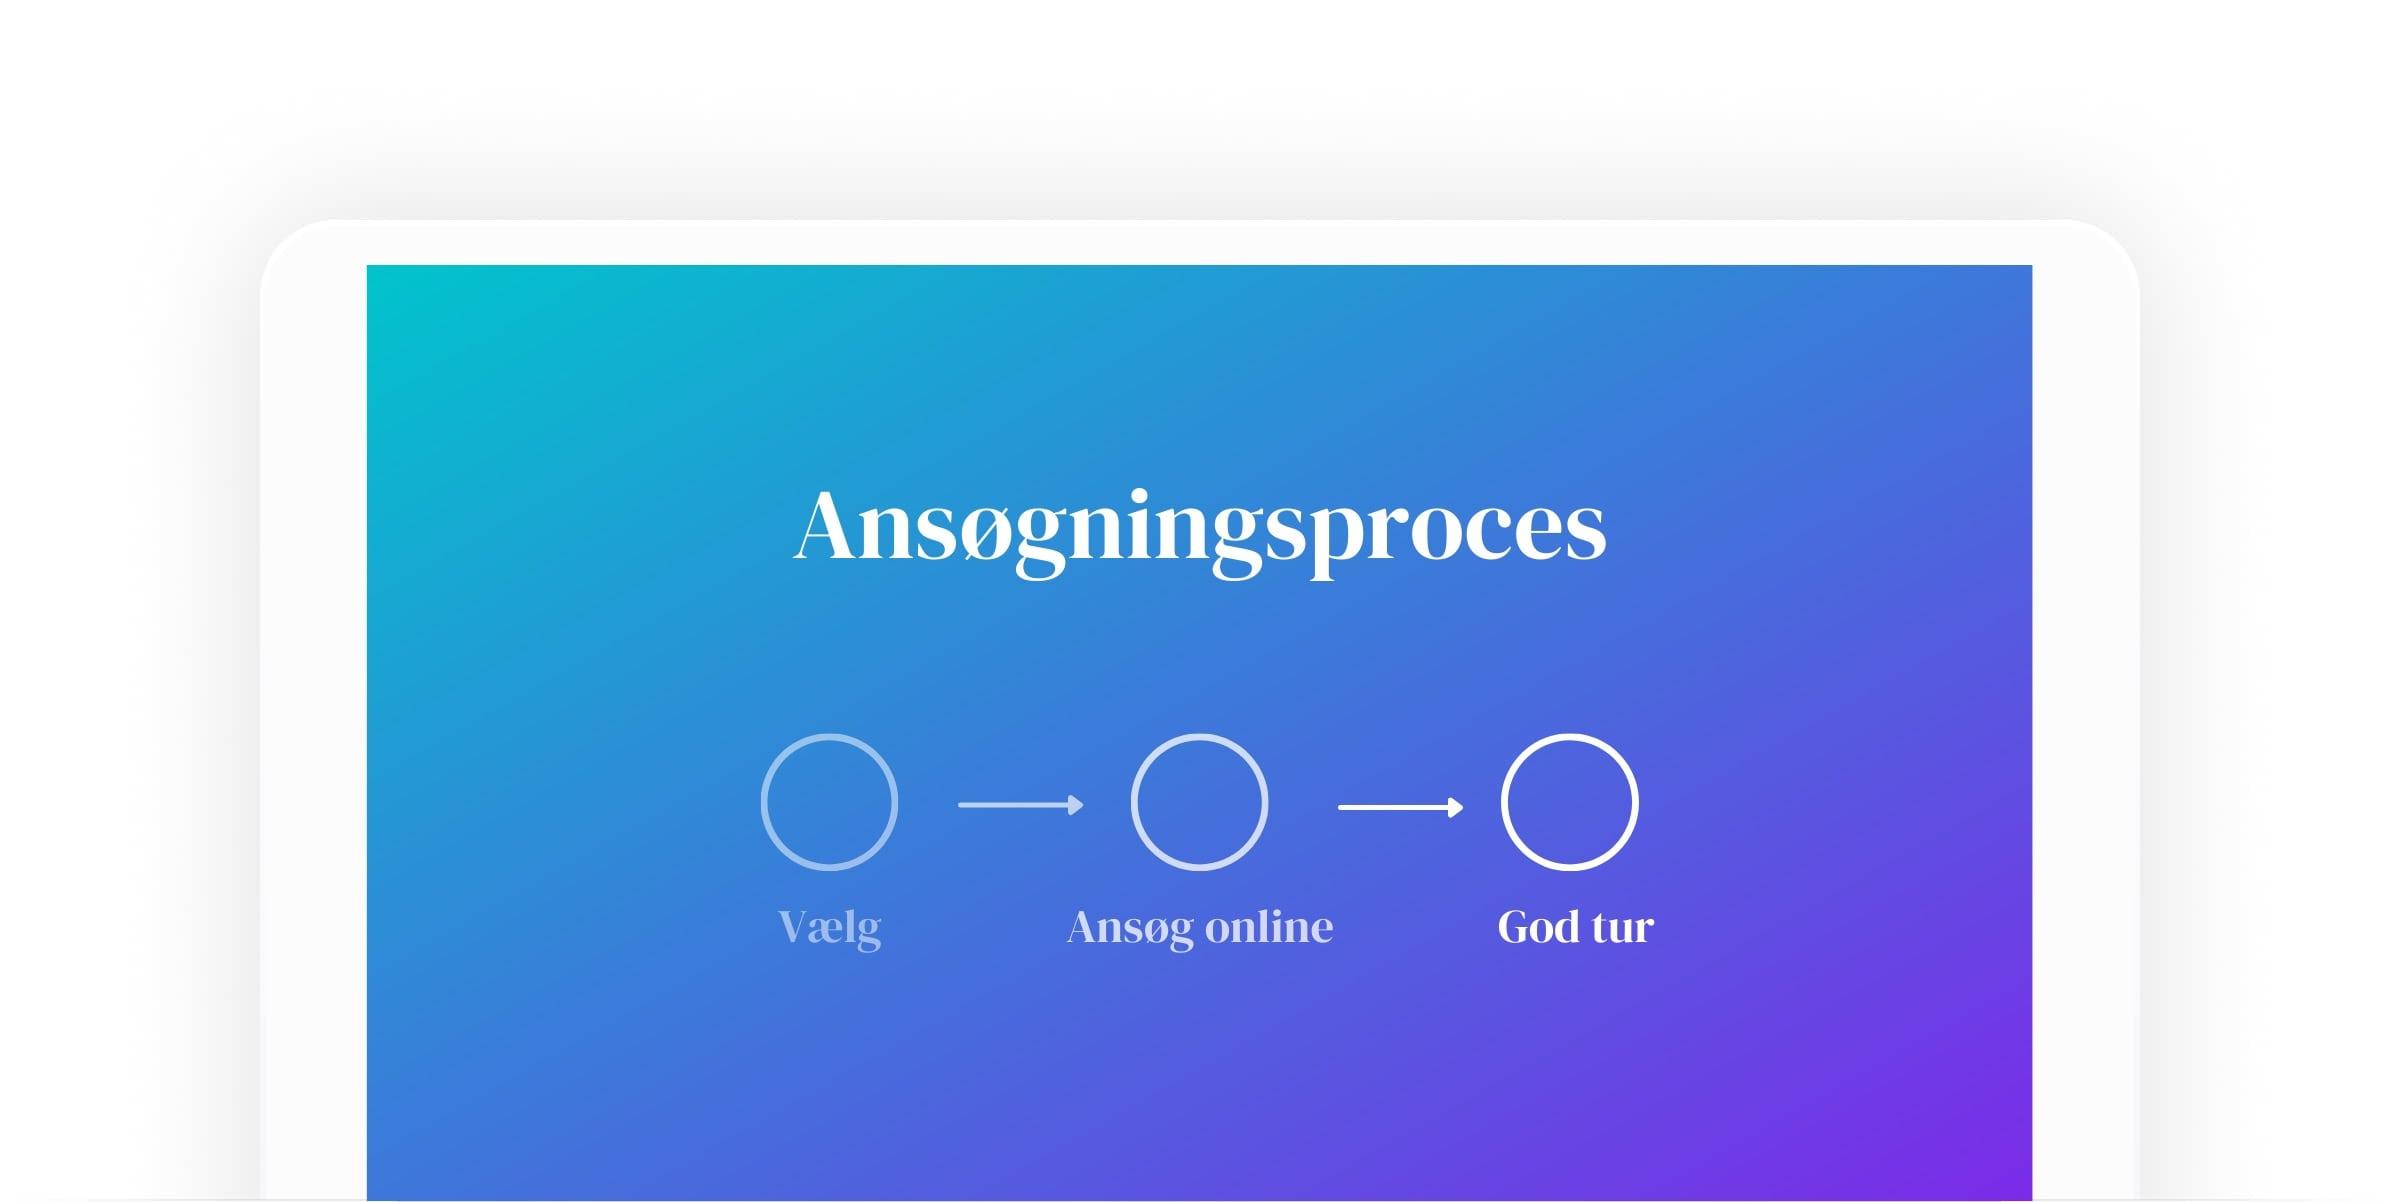 application process description